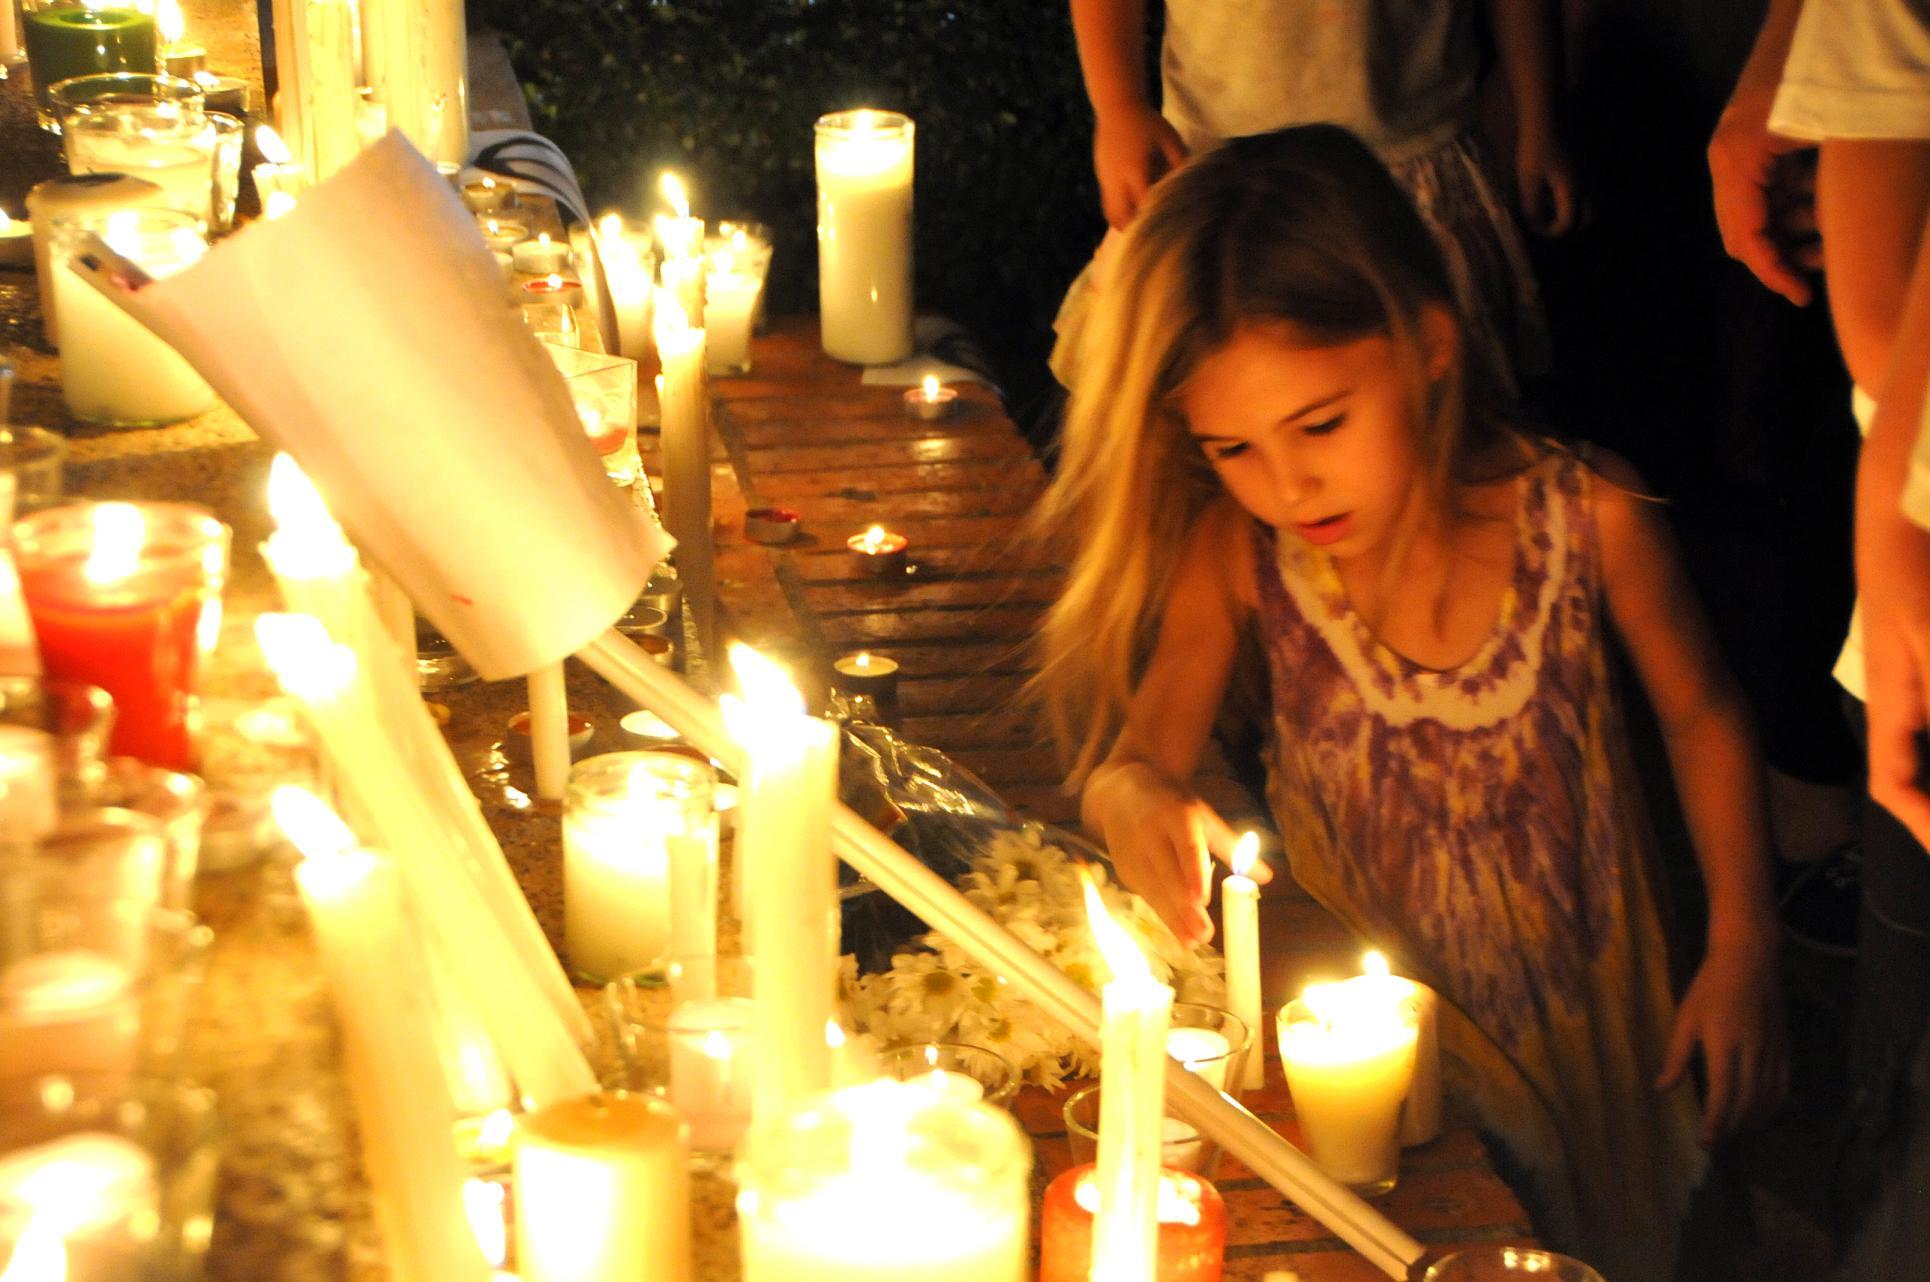 Franceses en República Dominicana realizan vigilia en solidaridad con víctimas de atentado